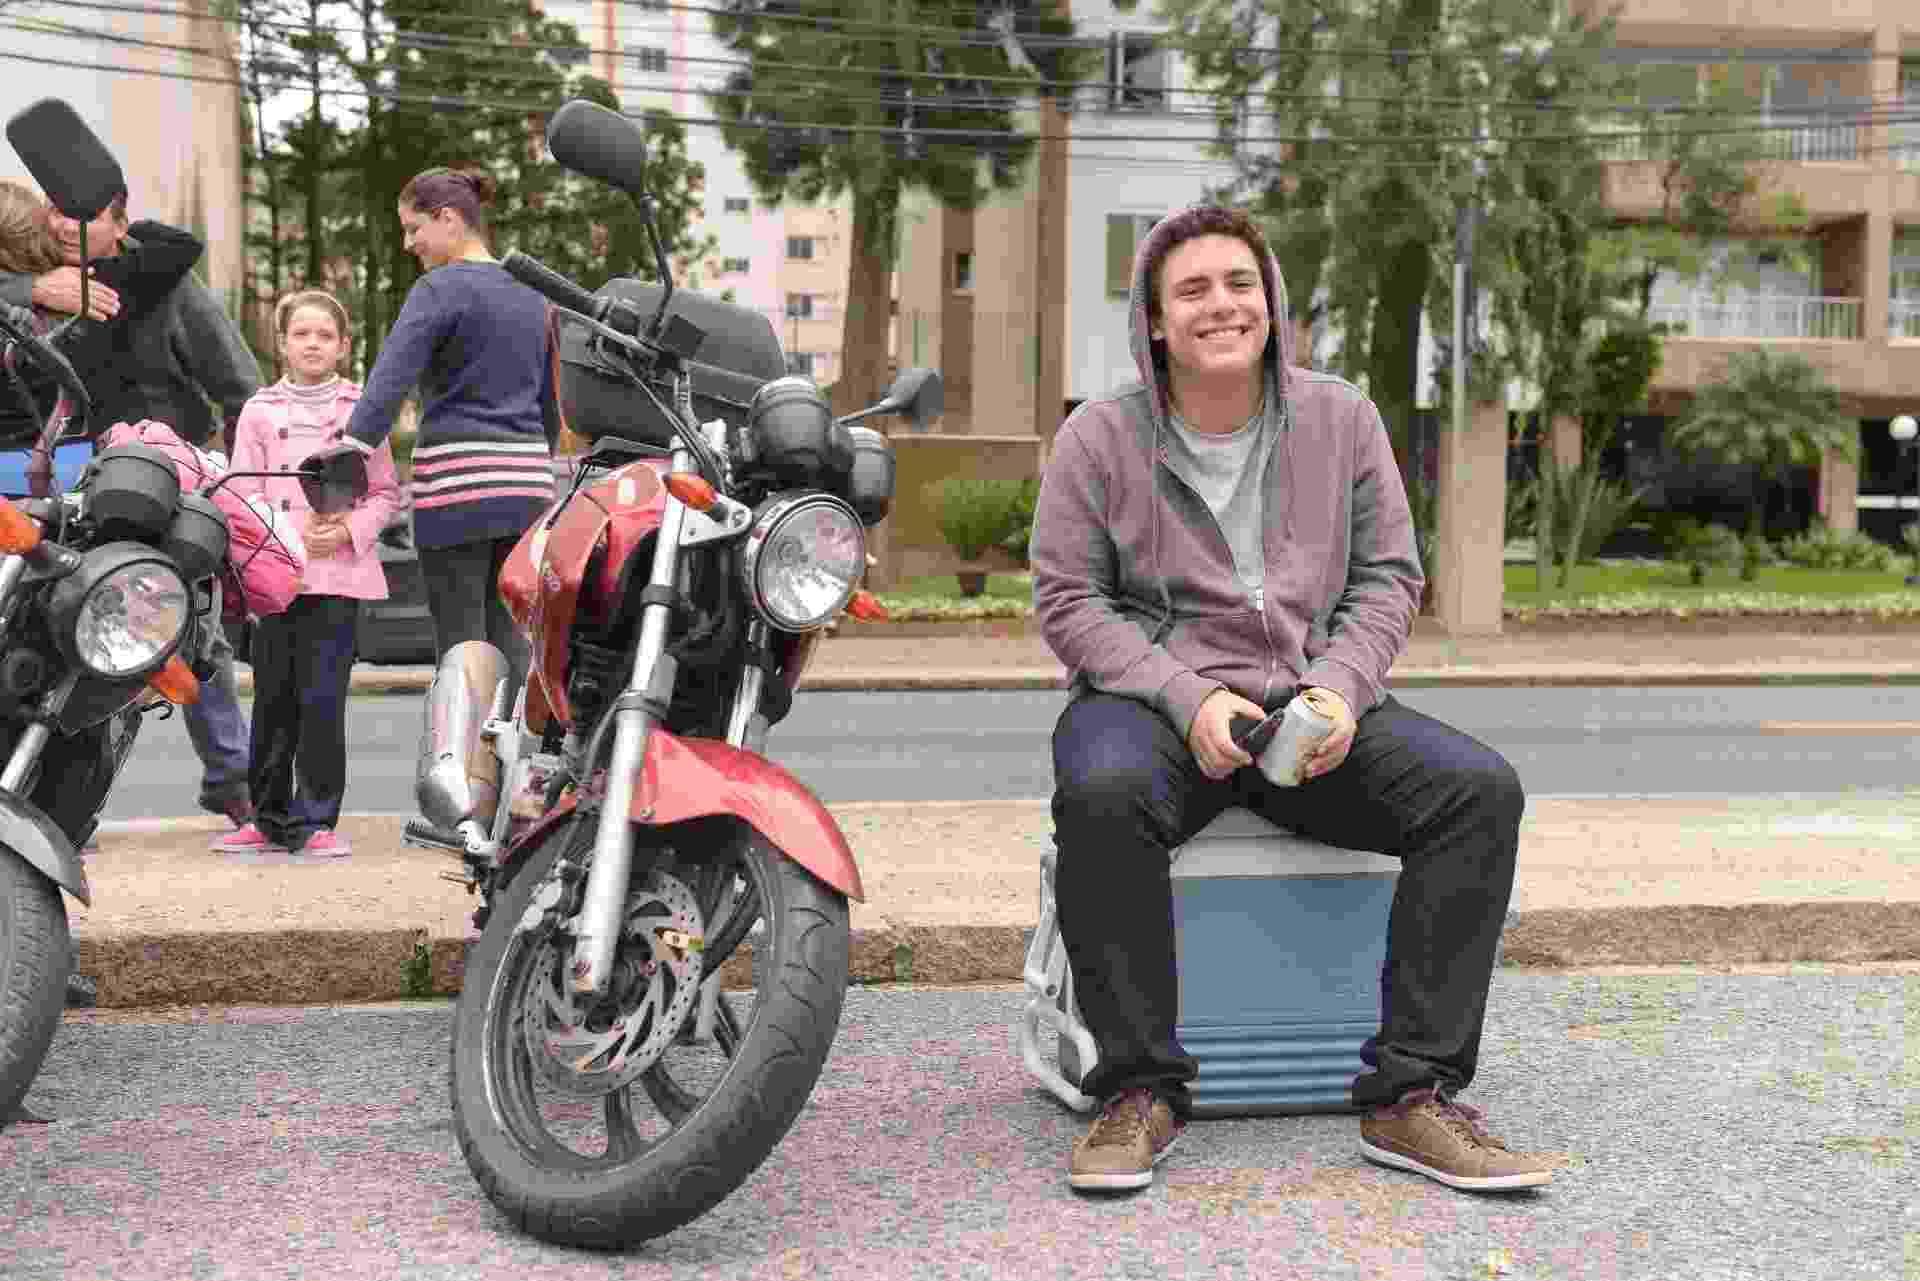 24.out.2015 - O estudante de economia da UFPR (Universidade Federal do Paraná) foi até o local de prova do Enem (Exame Nacional do Ensino Médio) para ver os alunos chegarem atrasados - Lucas Pontes/UOL